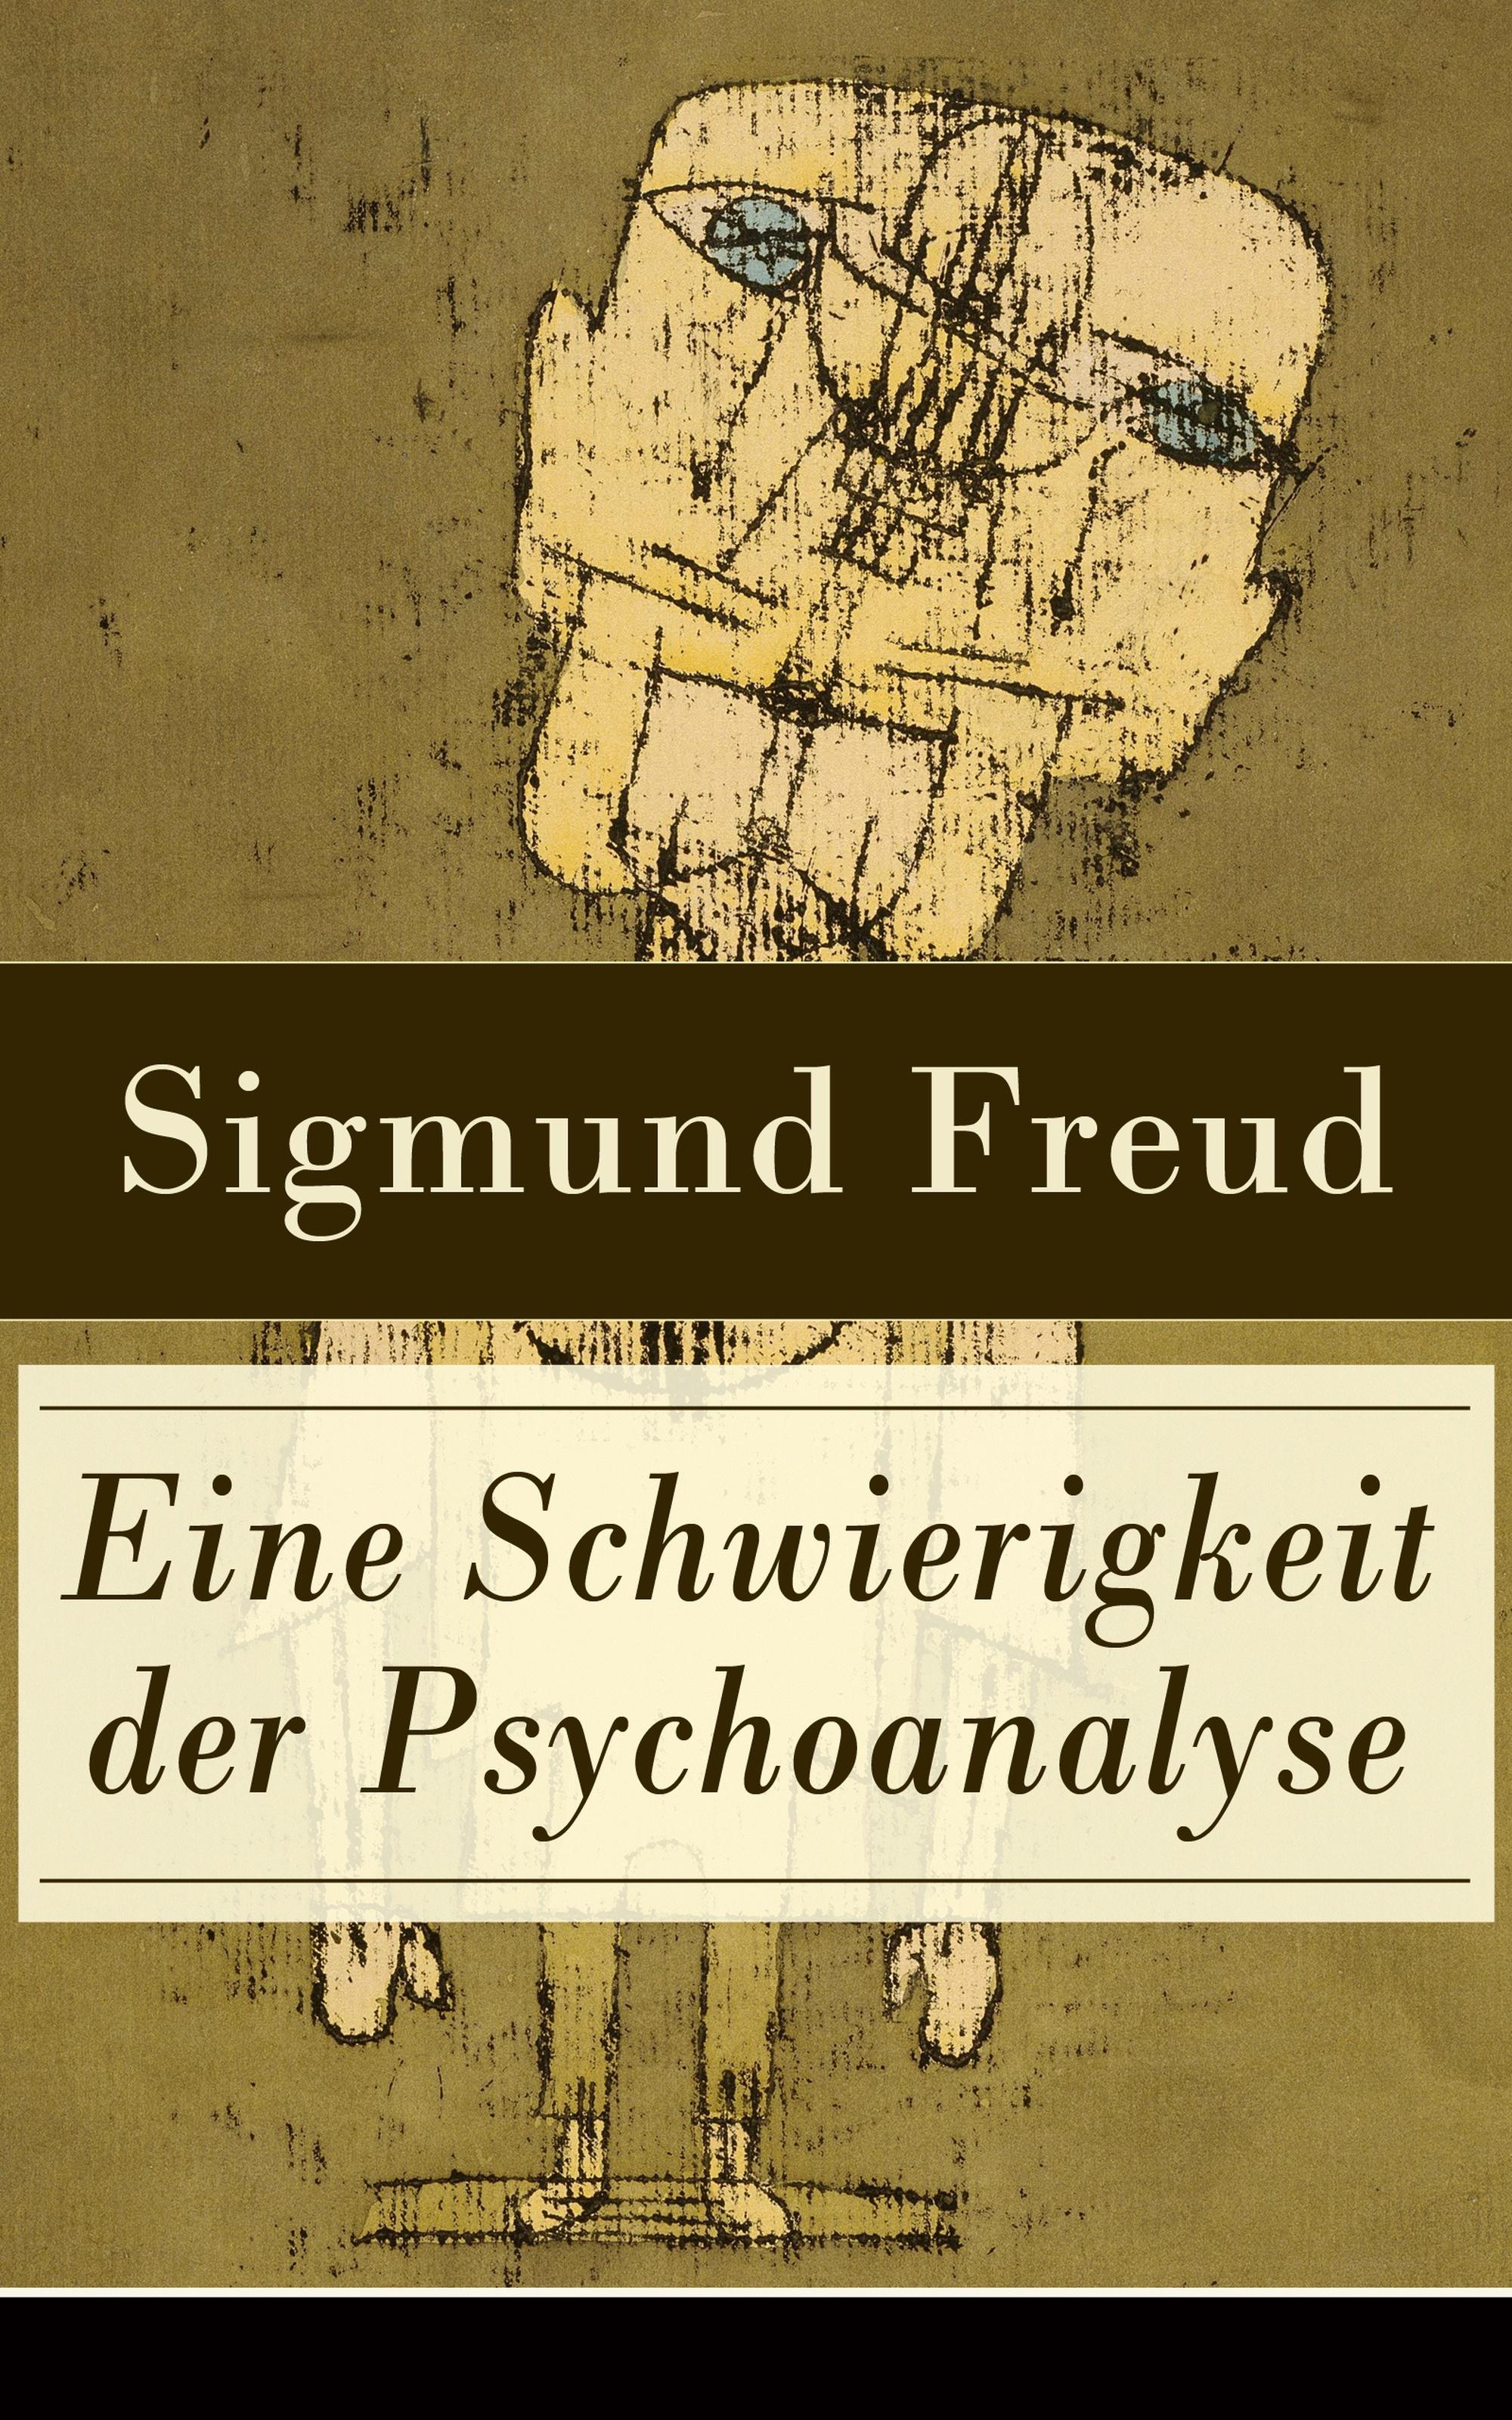 eine schwierigkeit der psychoanalyse